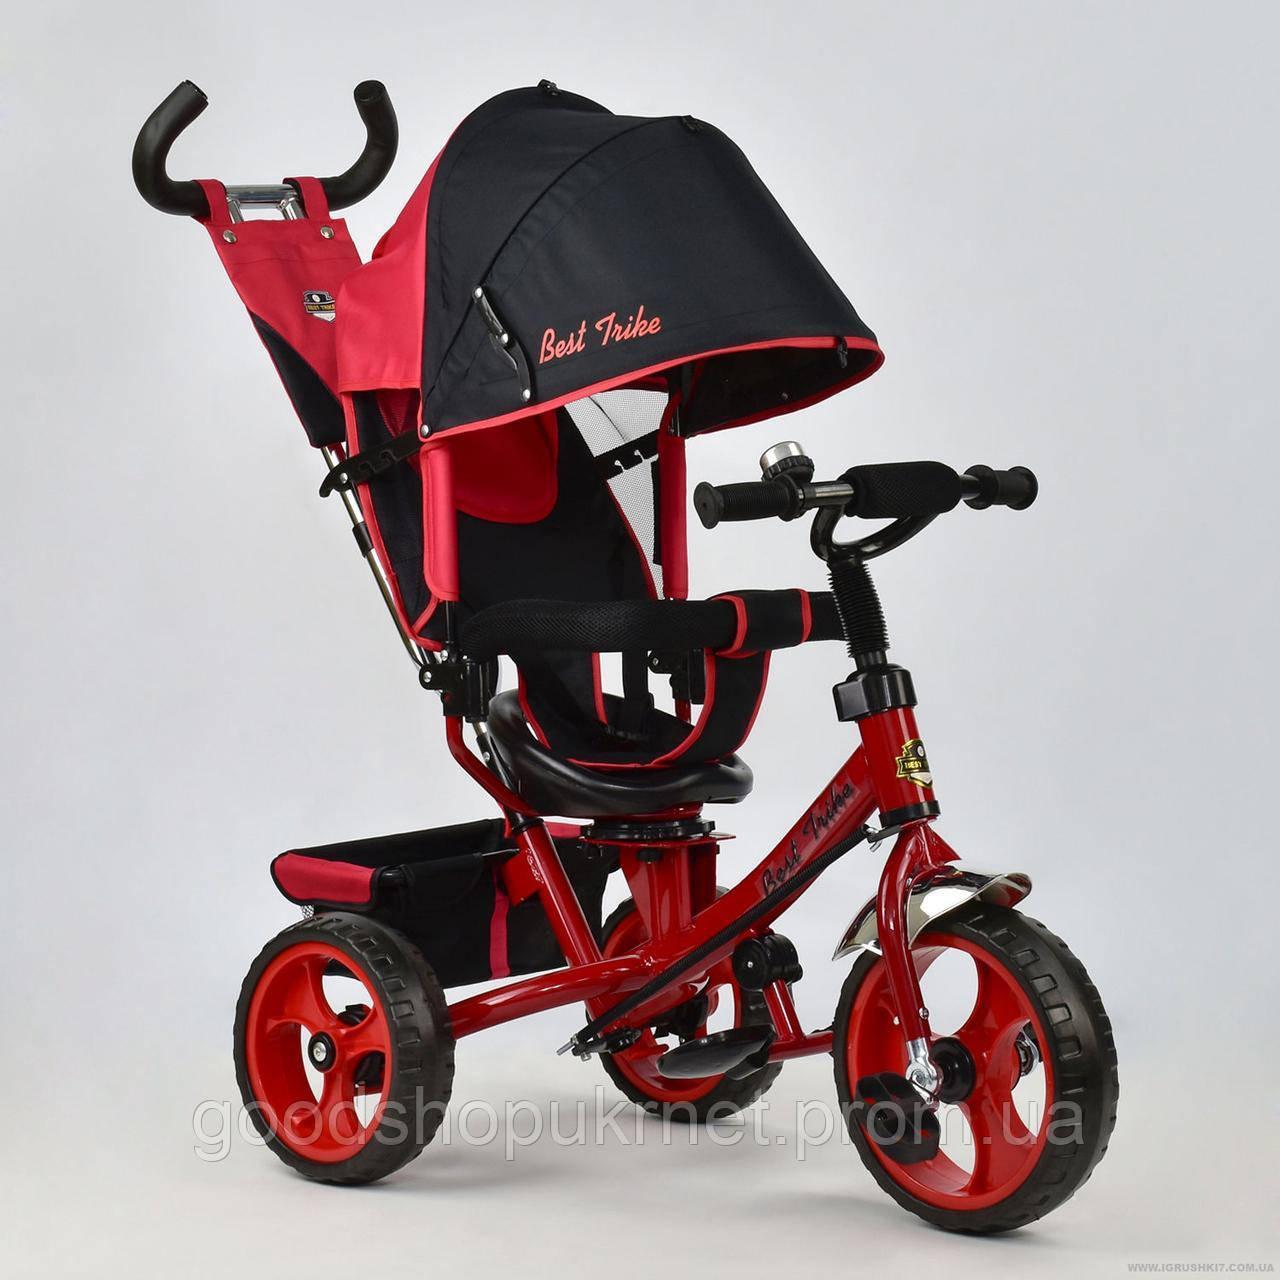 Детский трехколесный Велосипед Best Trike 5700 - 4670, Красный